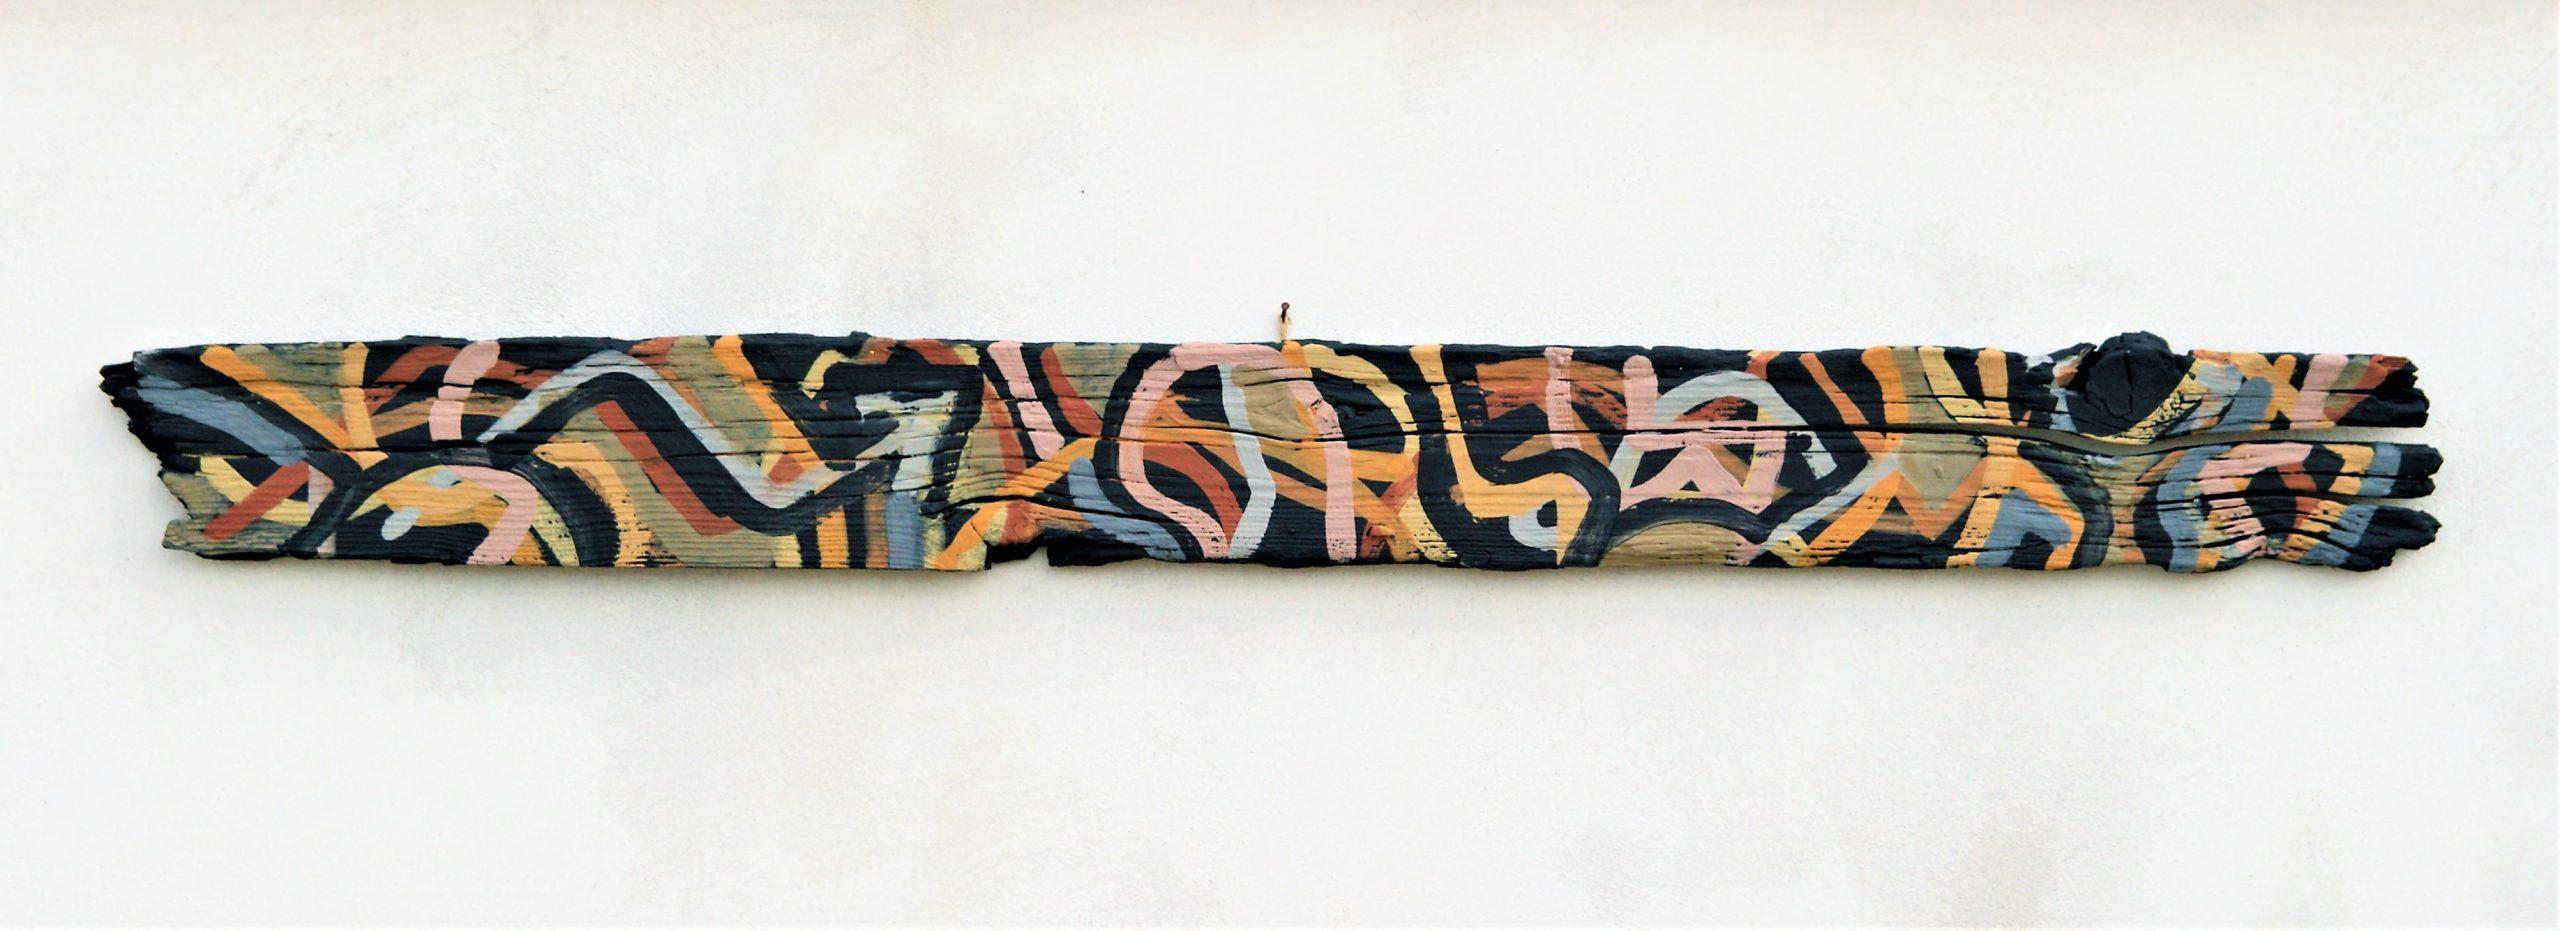 Salamandra – Nei legni di mare trovo la forza, la voglia di non lasciarsi andare, resistere per riconquistare. Posizione regge realizzazione, frazione di memoria messa in salvo. (Diario di una mente connessa)